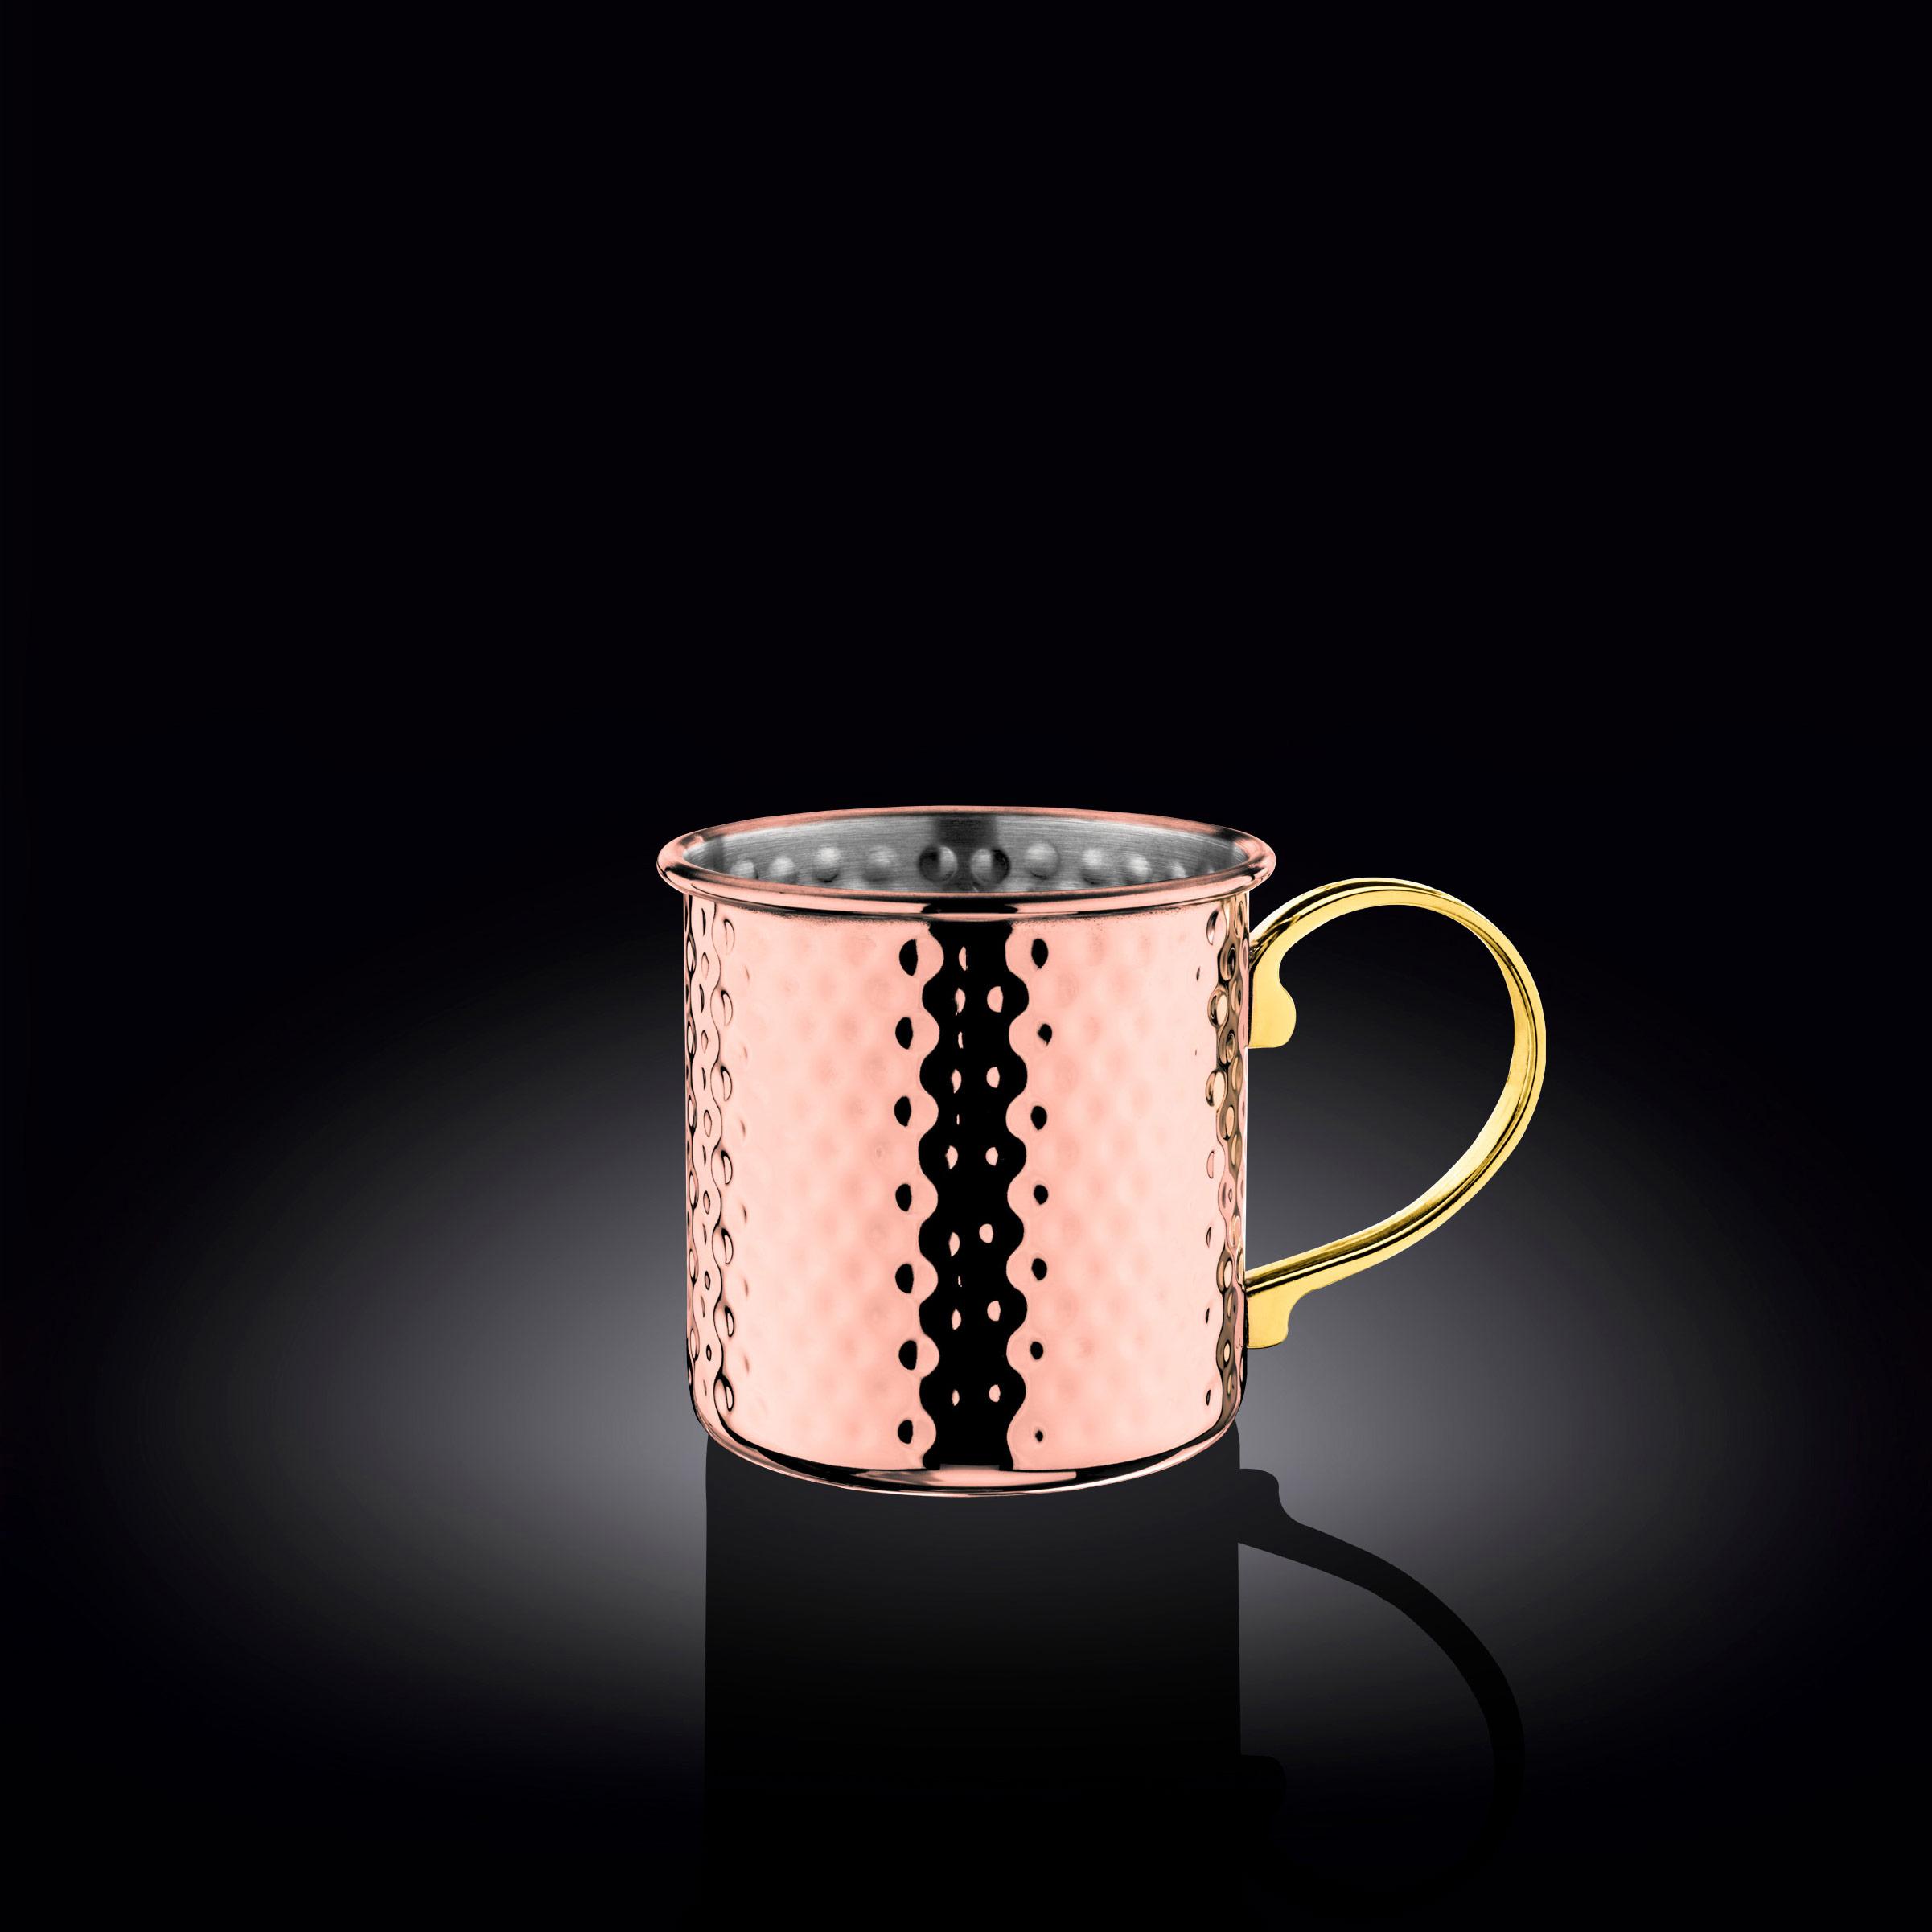 マグカップ(カッパーカラー) 32210 (WL-552212/A)